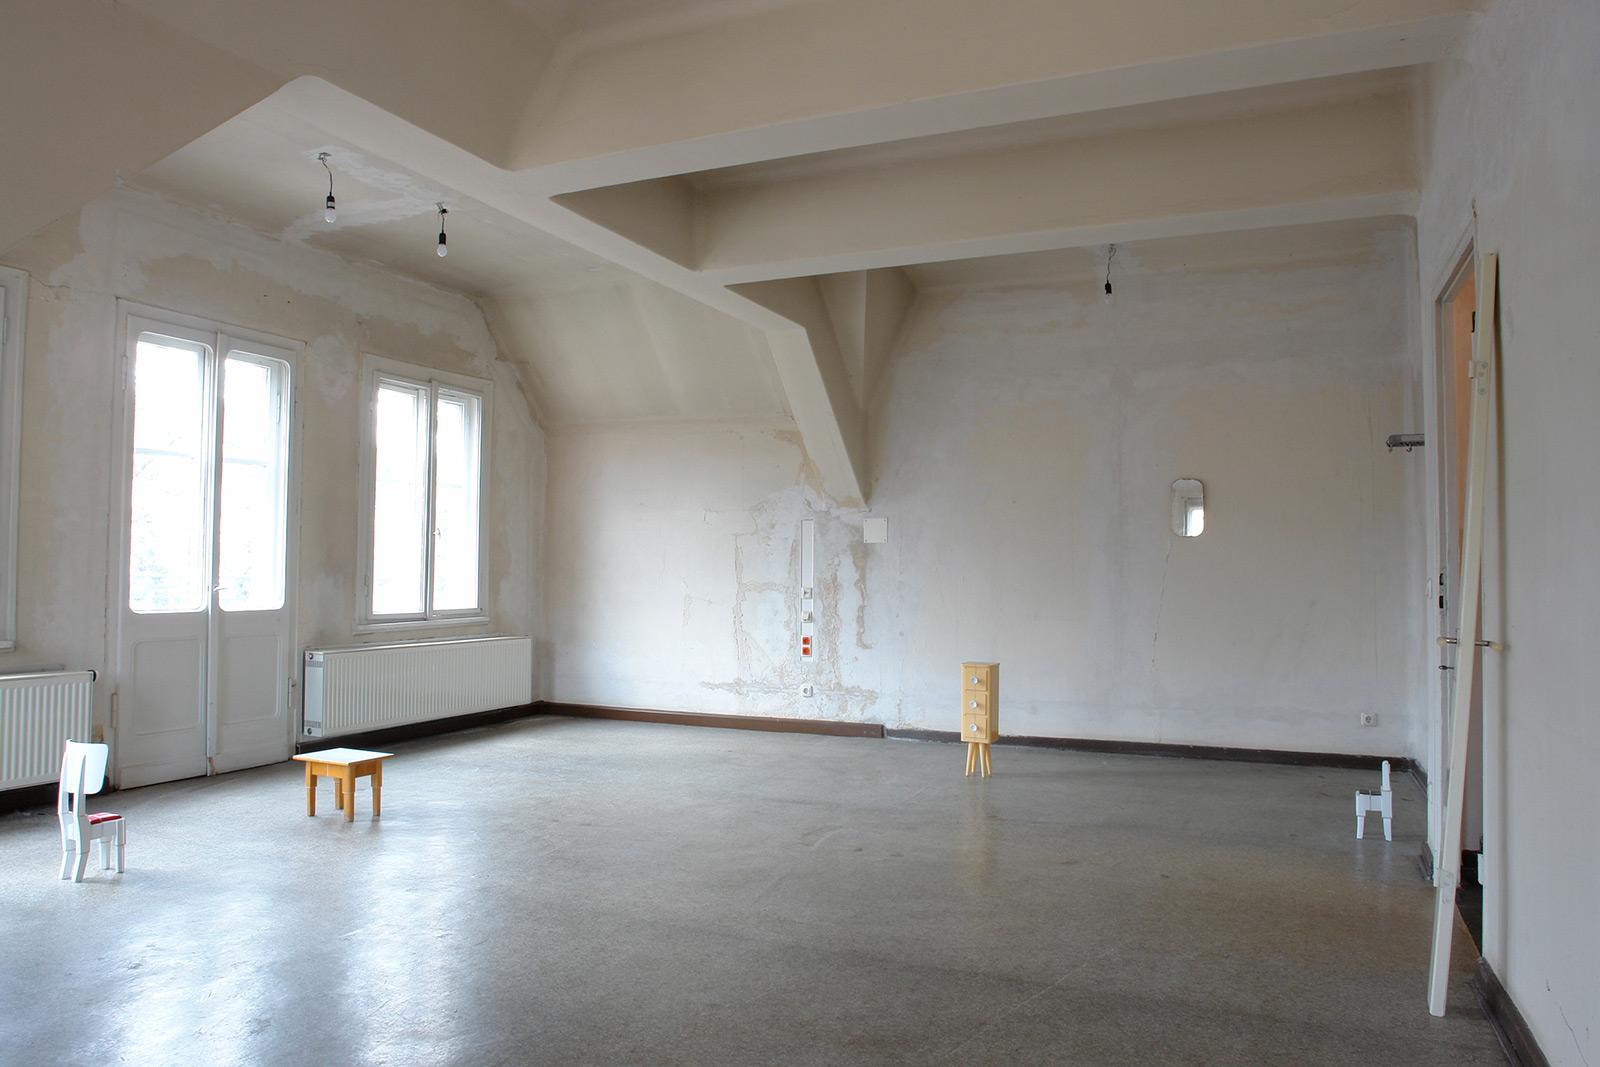 Weimar, 2007 shot cuts (van de Velde), Möbelfragmente